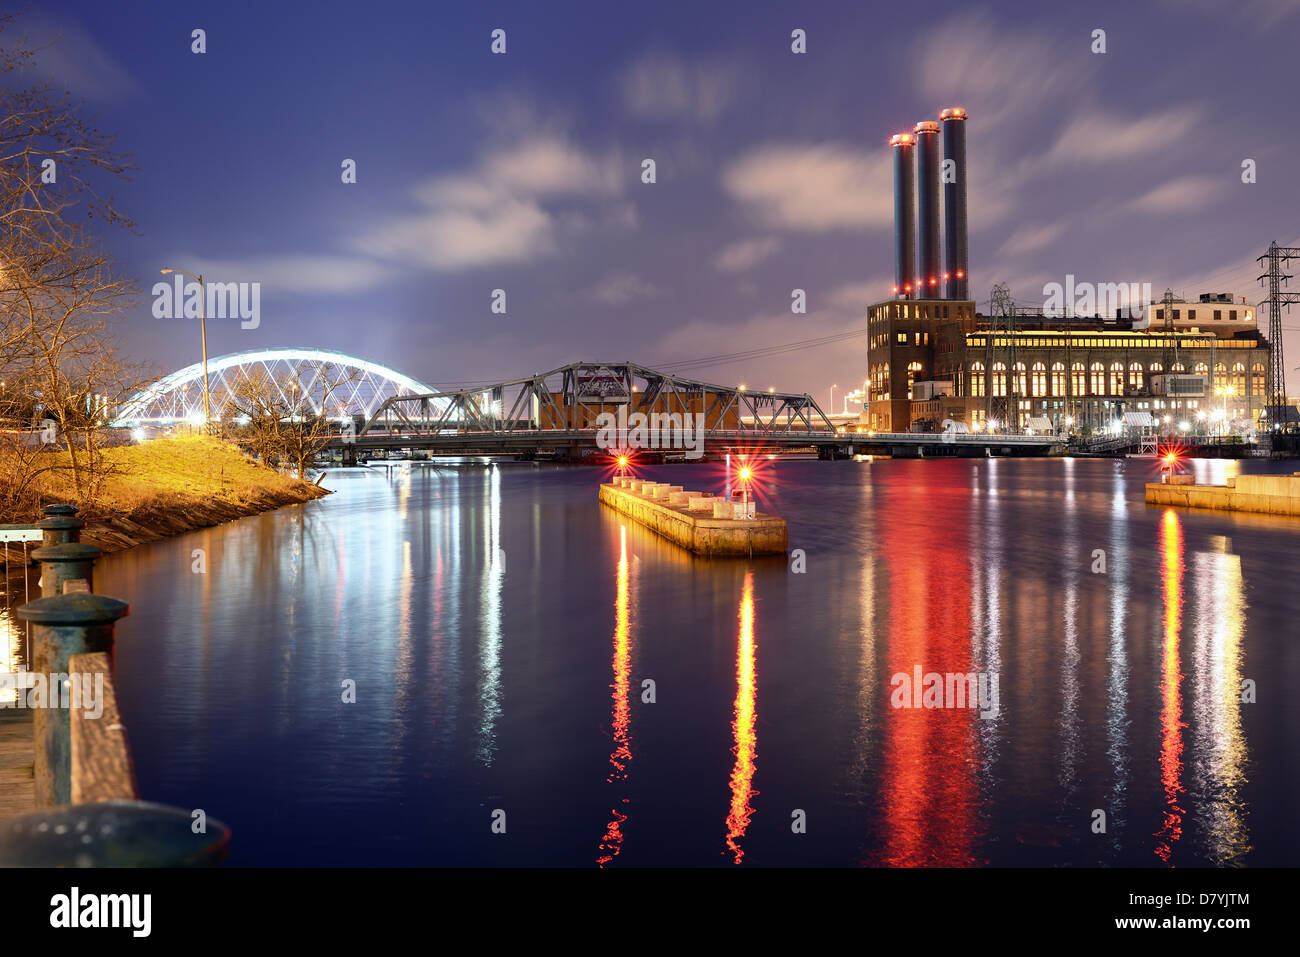 Providence River in Providence, Rhode Island - Stock Image